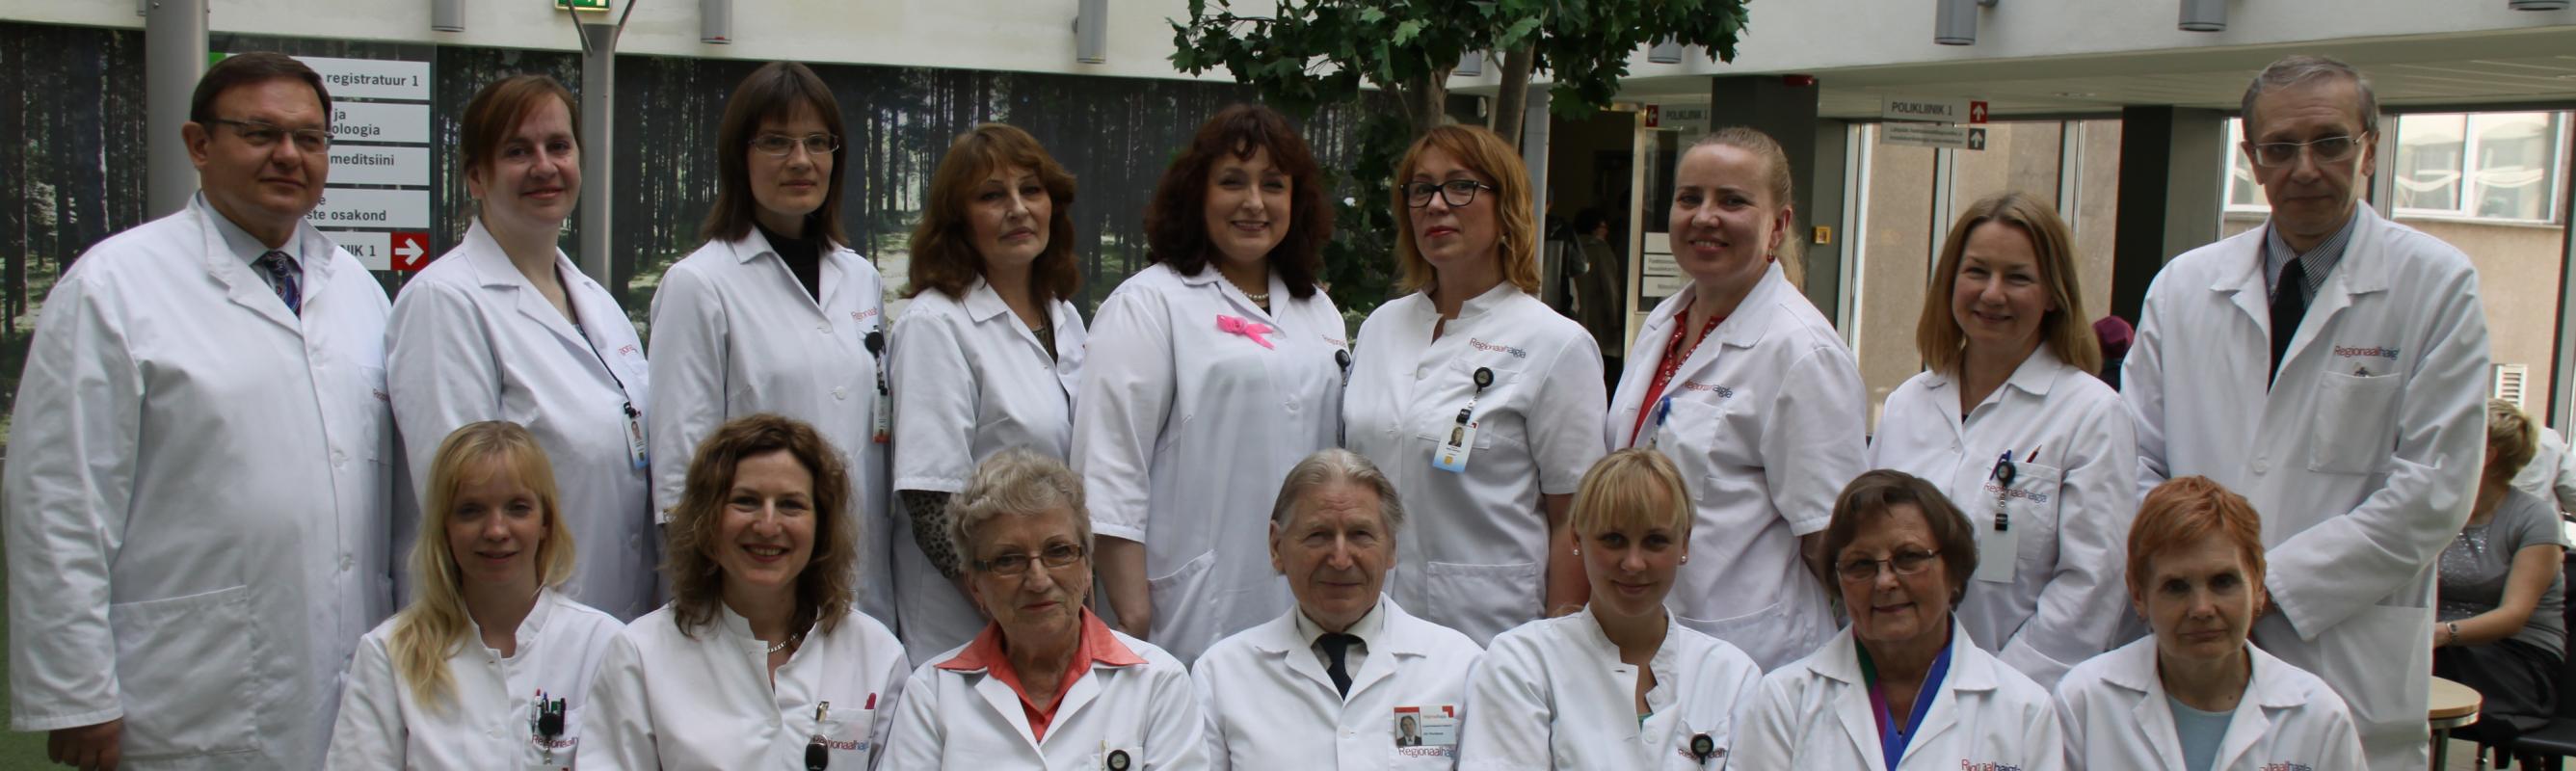 Palliatiivravi töörühm